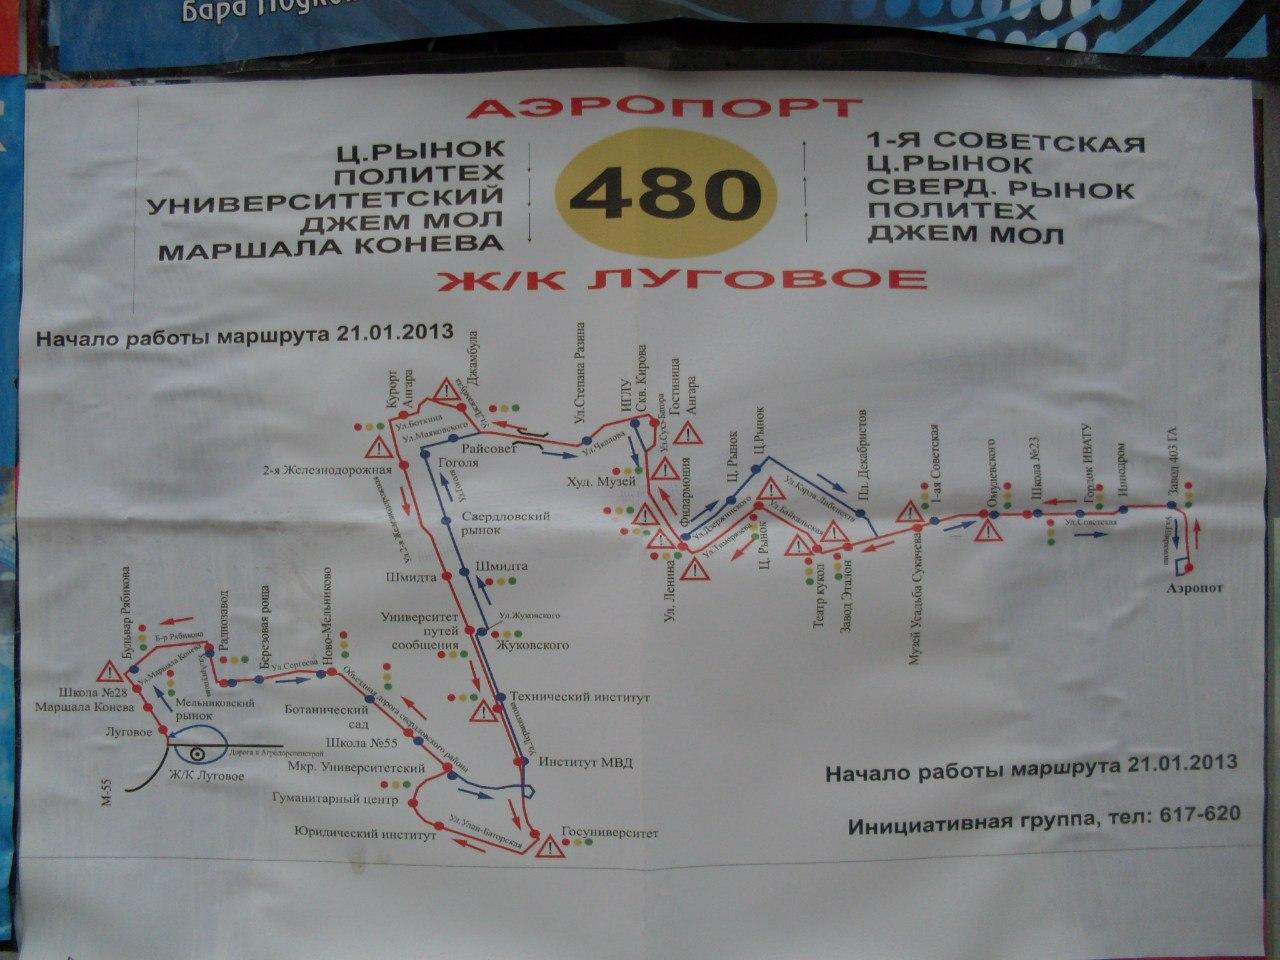 Маршрут автобуса 480 иркутск схема